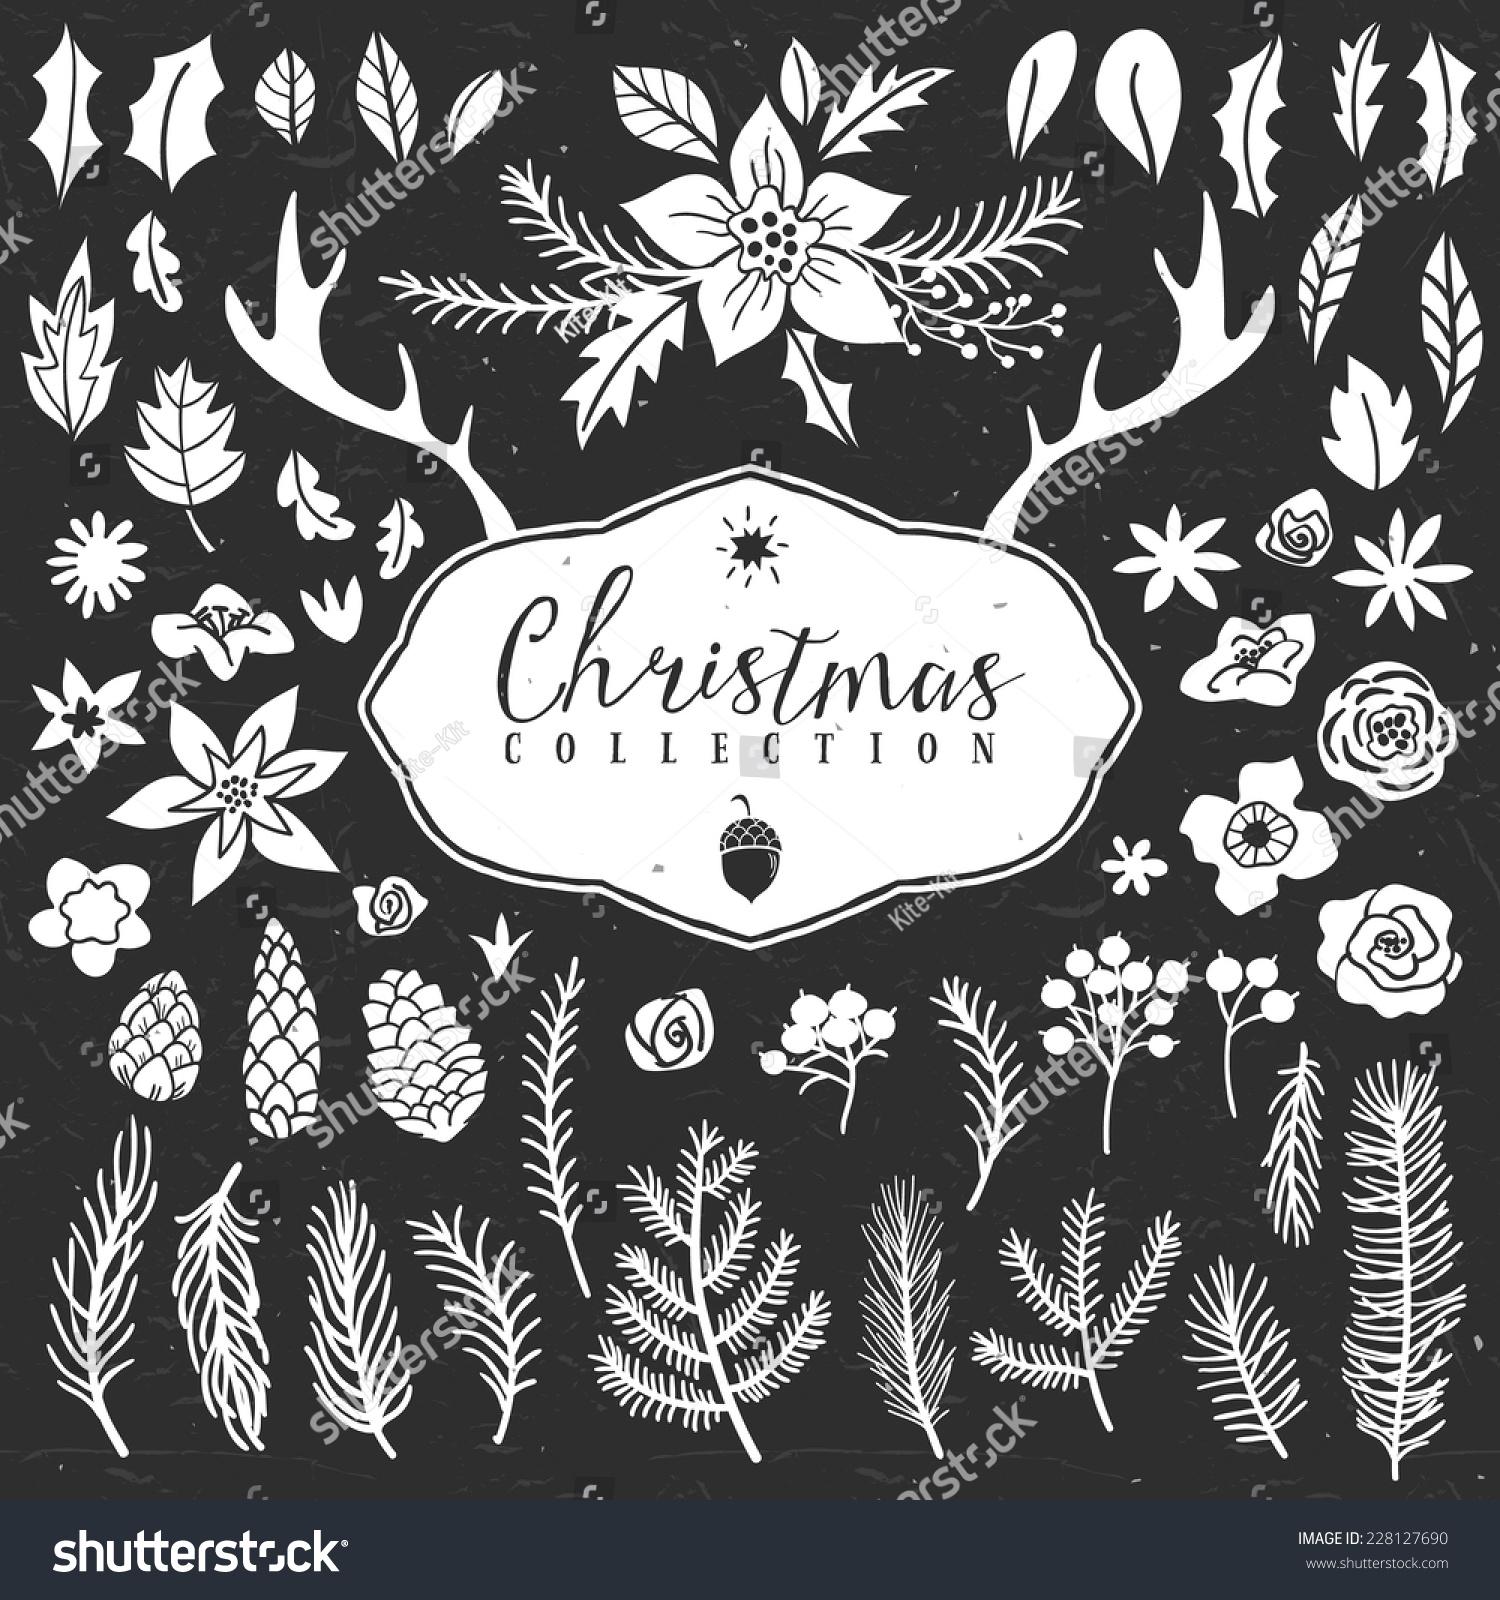 圣诞节募捐.手绘插图.设计元素.-物体